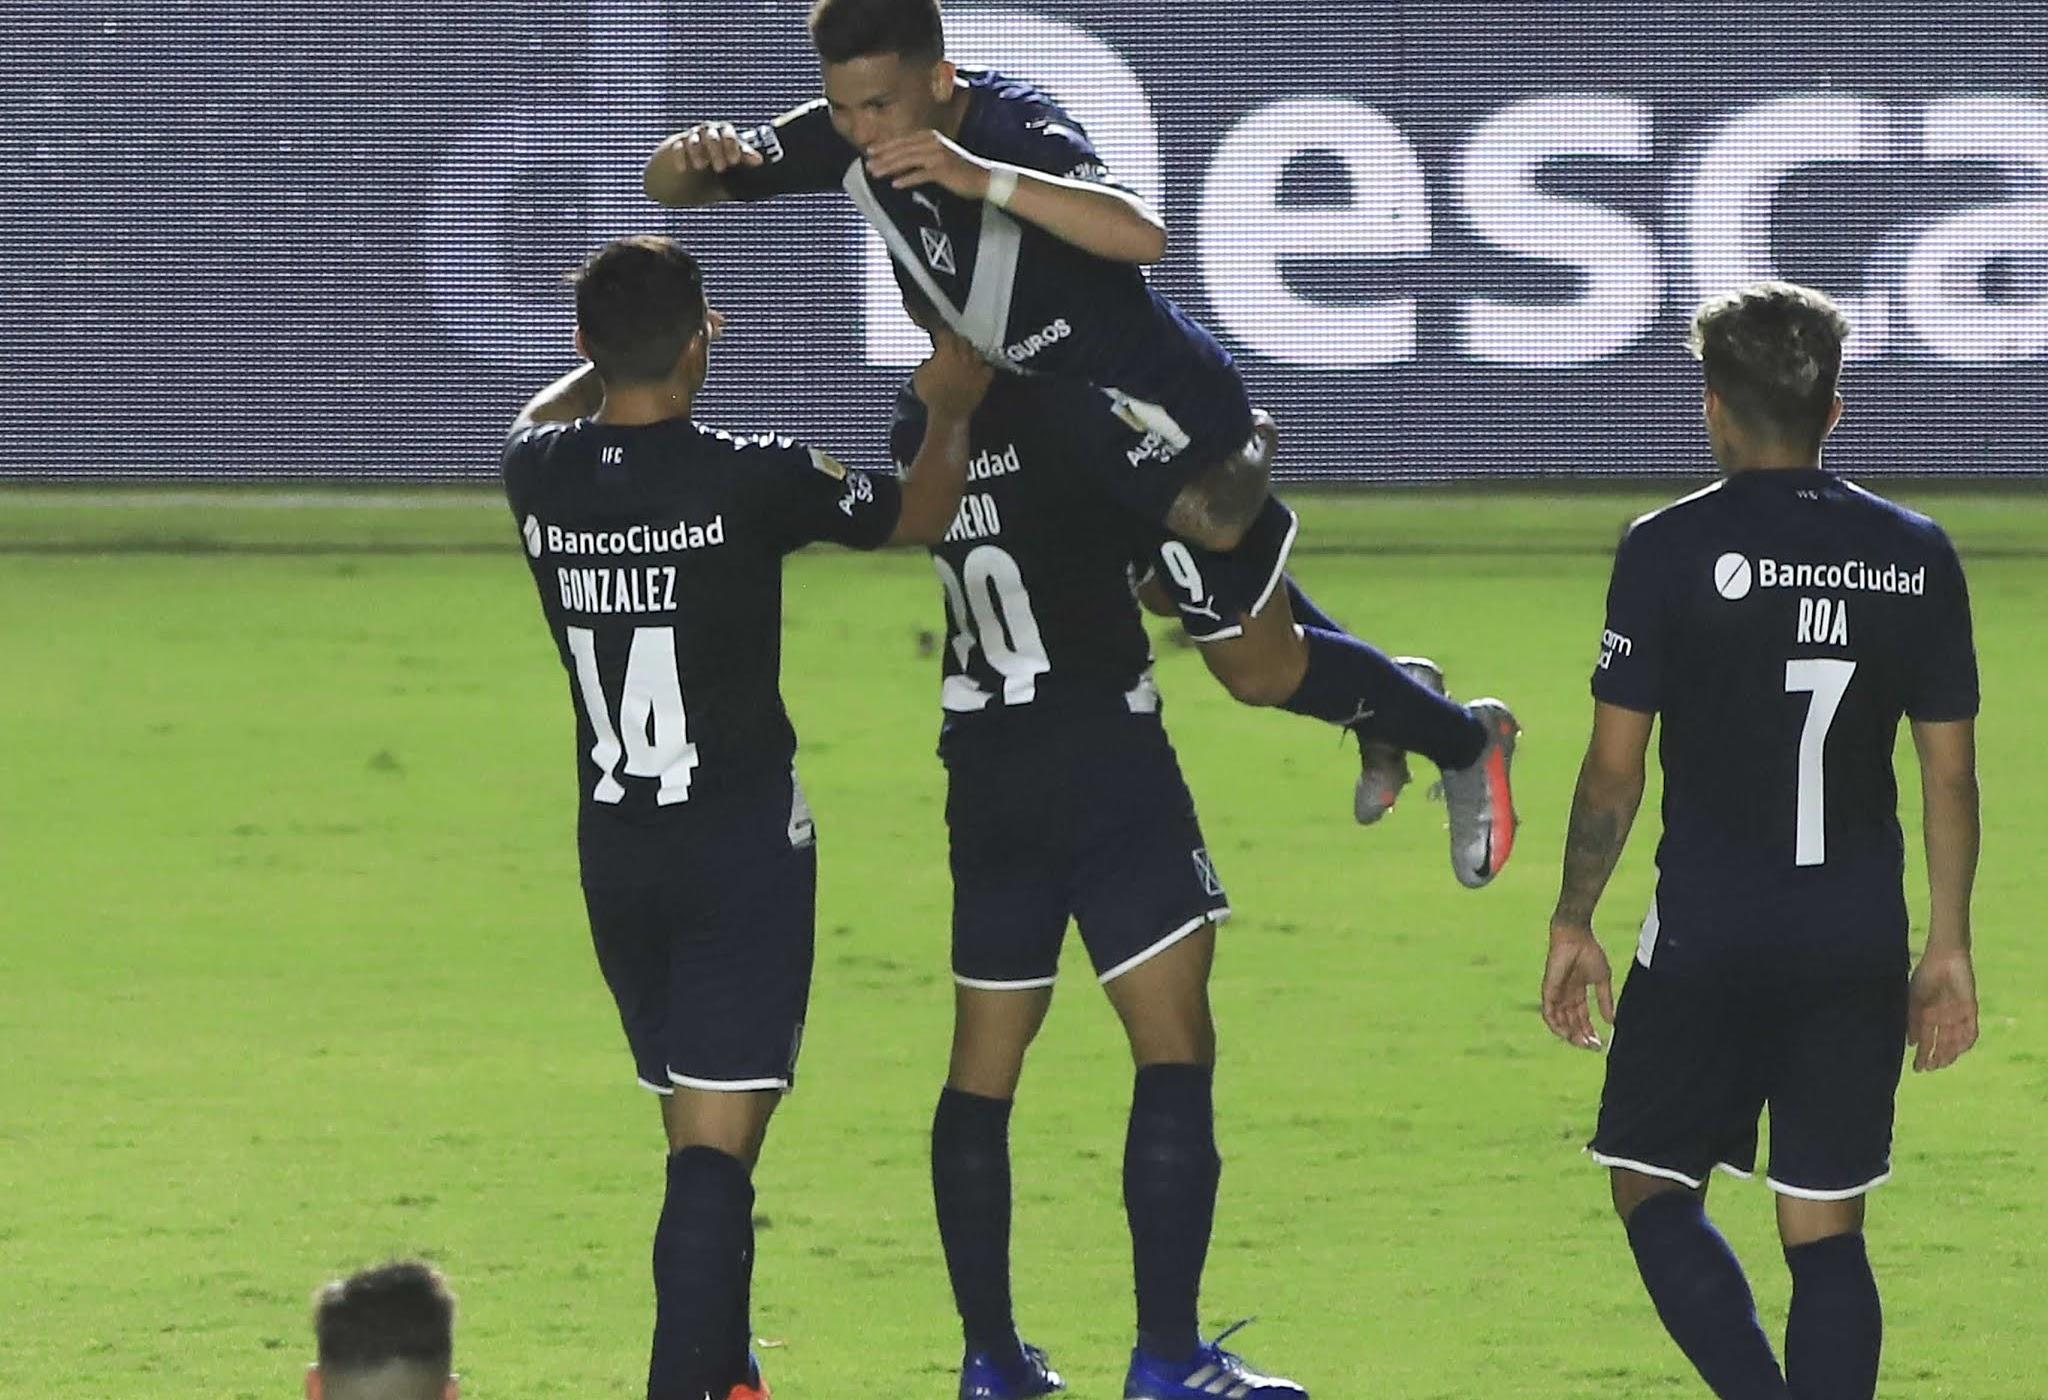 Independiente trabajó mucho para su primer triunfo y bajó a Argentinos de la punta